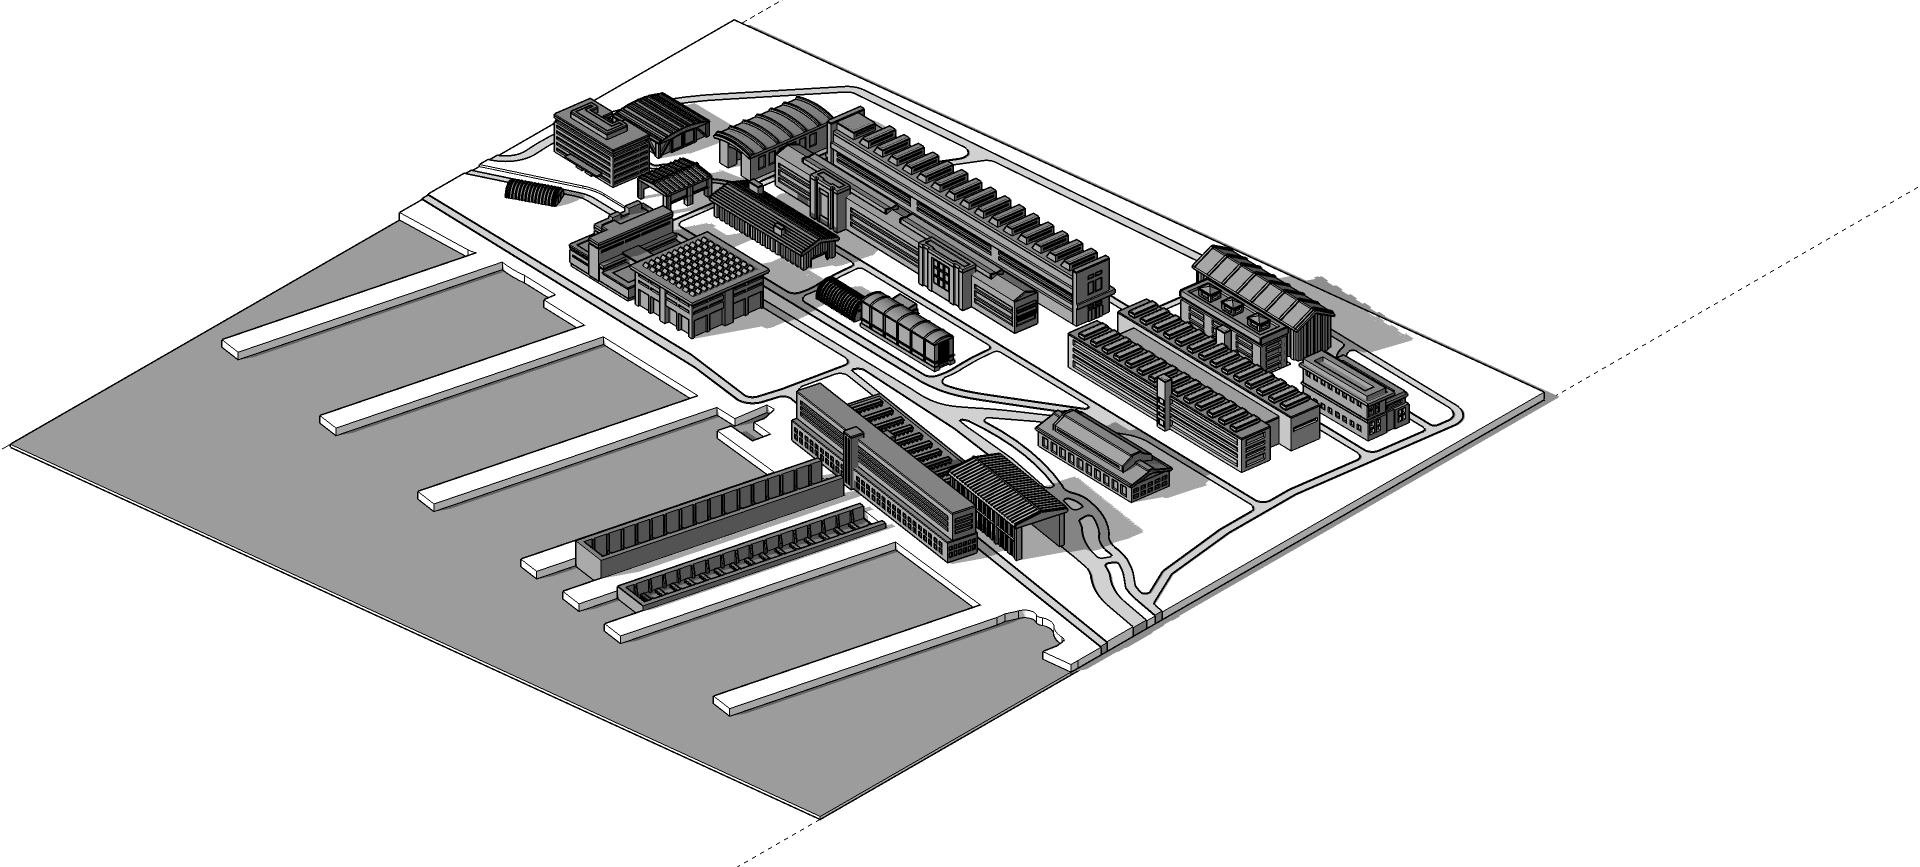 Avondale Shipyard_040717_03.jpg